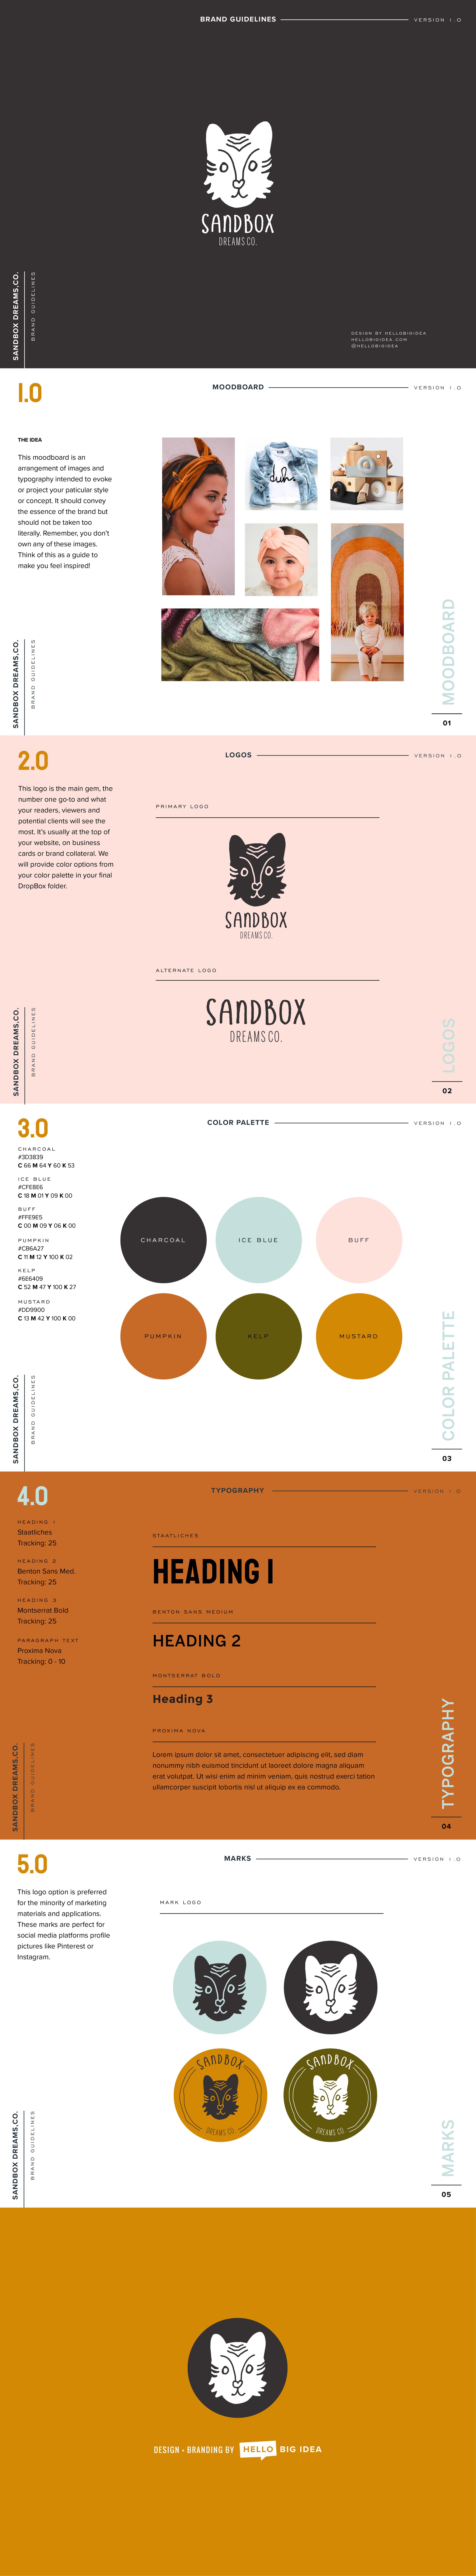 hello big idea - design agency.png